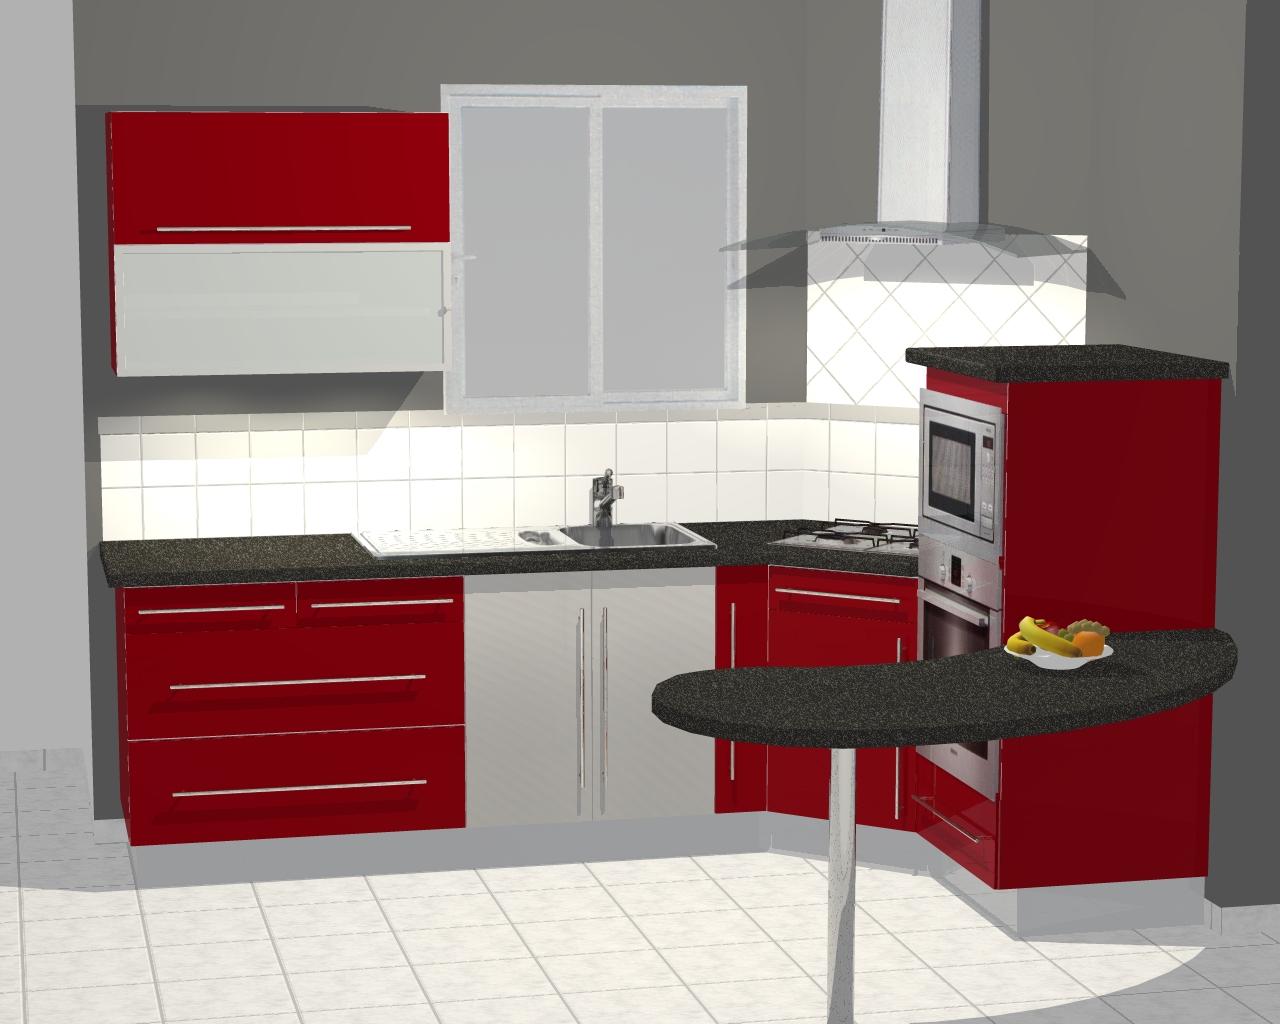 conception 3d cuisine luc rautureau